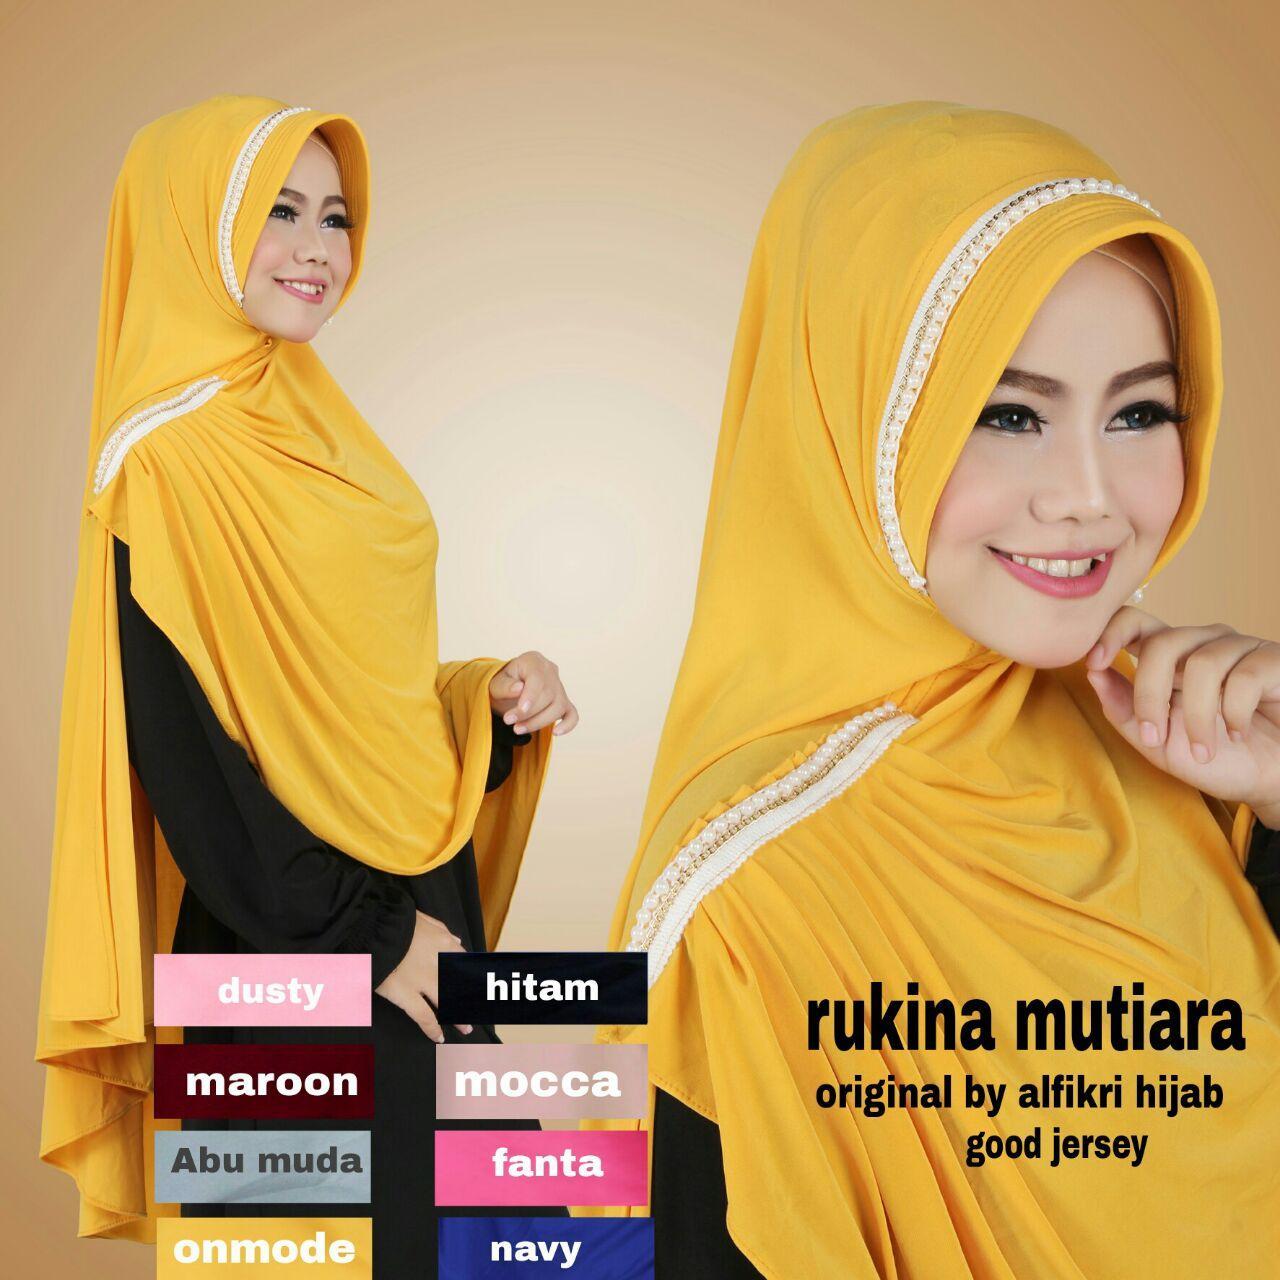 Dimana Beli Kerudung Khimar Rumaysa Terlengkap Cari Harga Diskon Promo Hijab Jilbab Syar I Farida Bandung Instant Rukina Mutiara Mustard